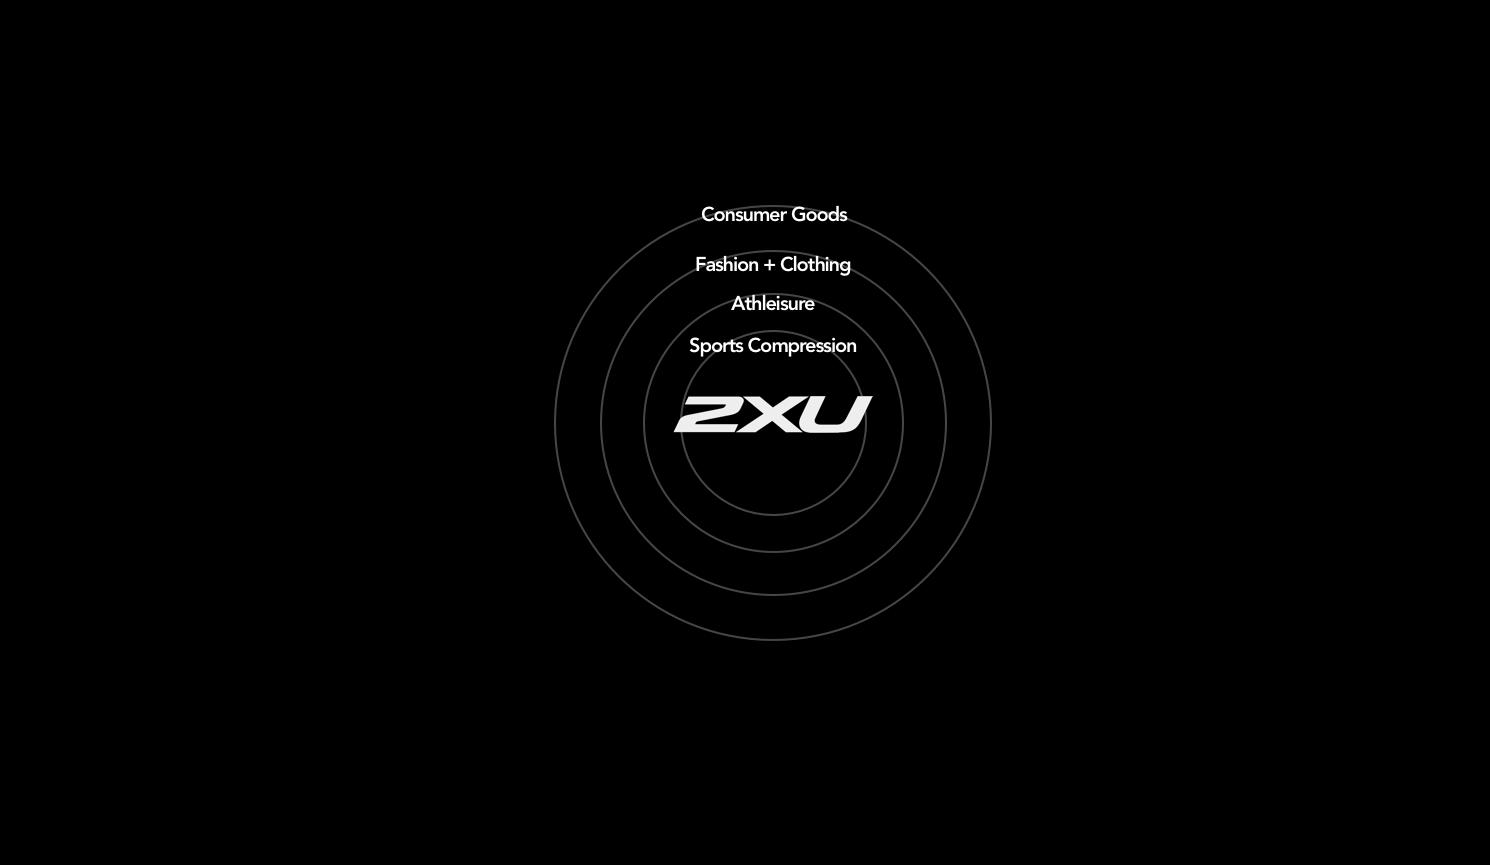 Dark 2XU Industry Rings.png